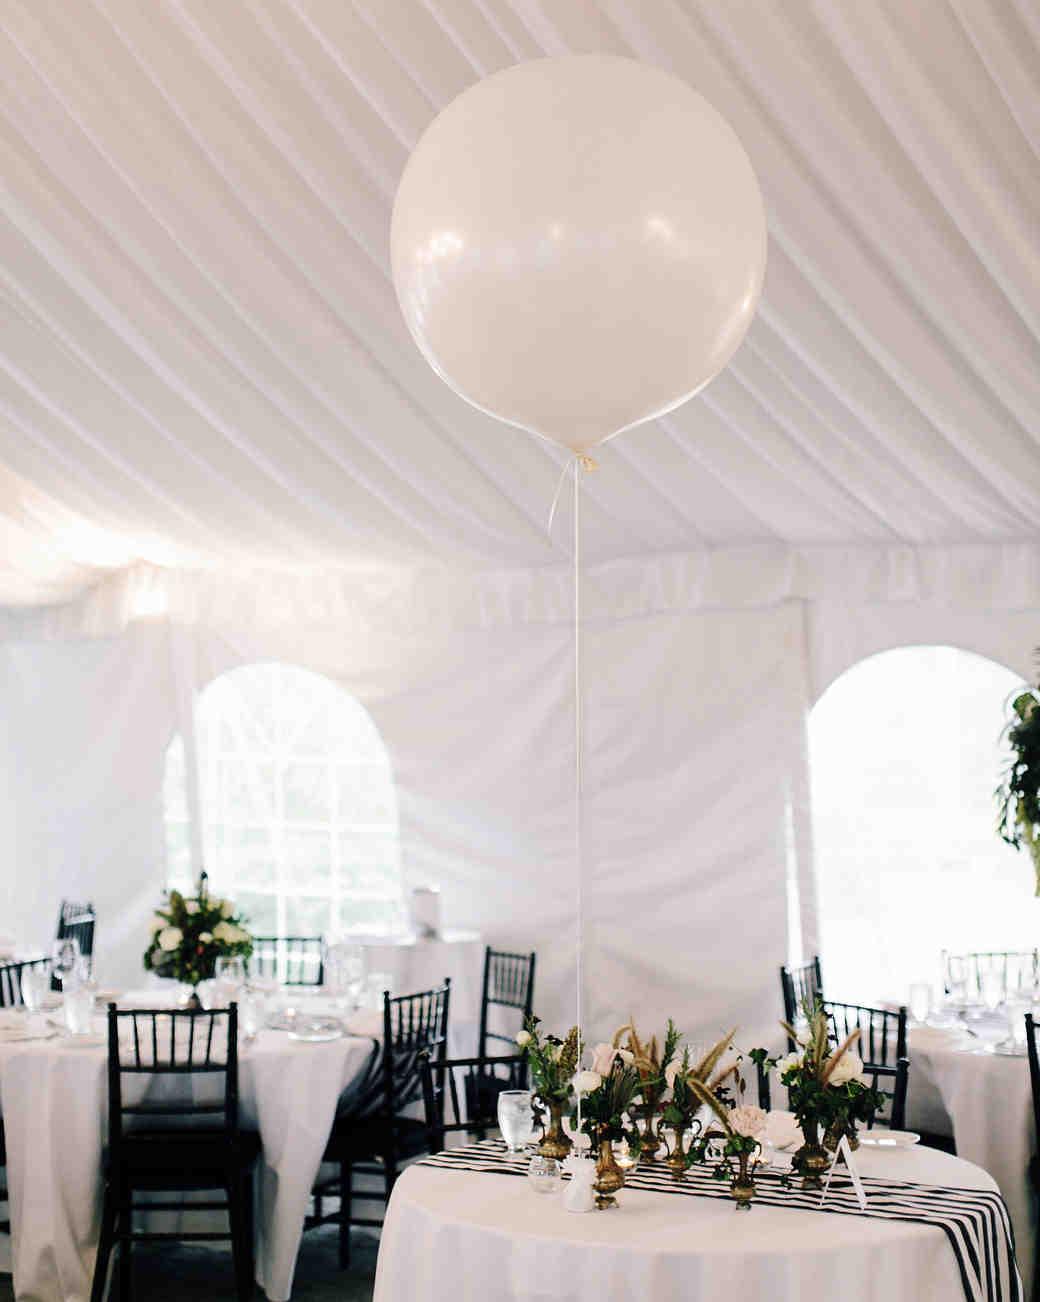 rosie-constantine-wedding-balloon-278-s112177-1015.jpg